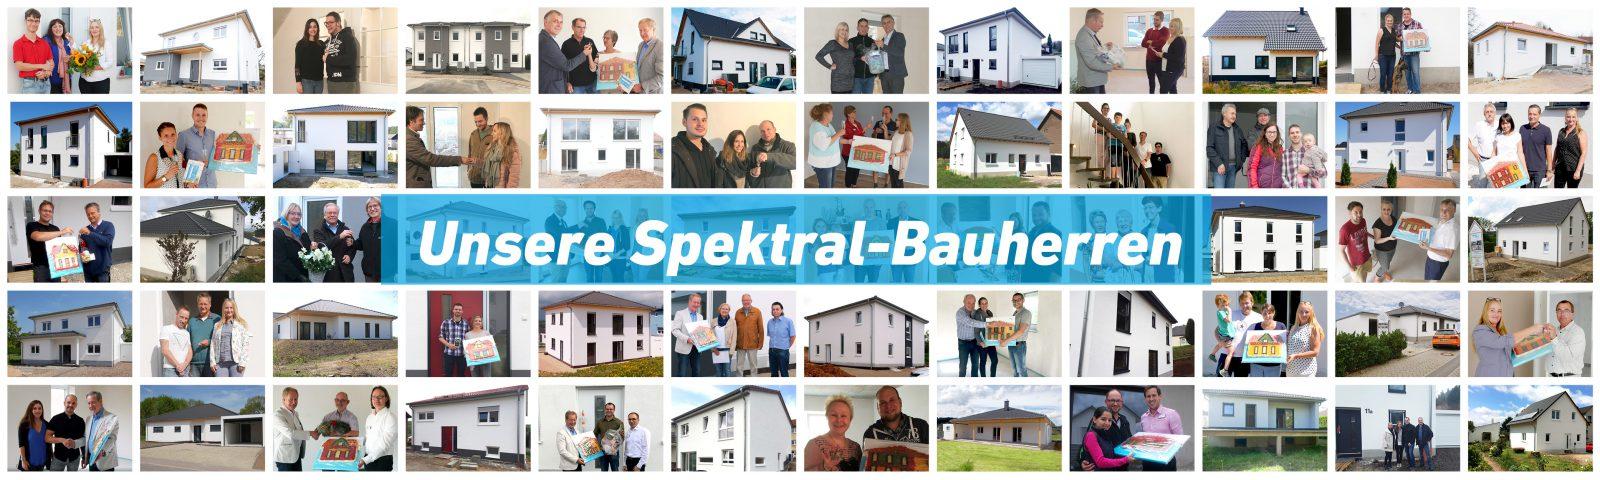 Spektral-Bauherren